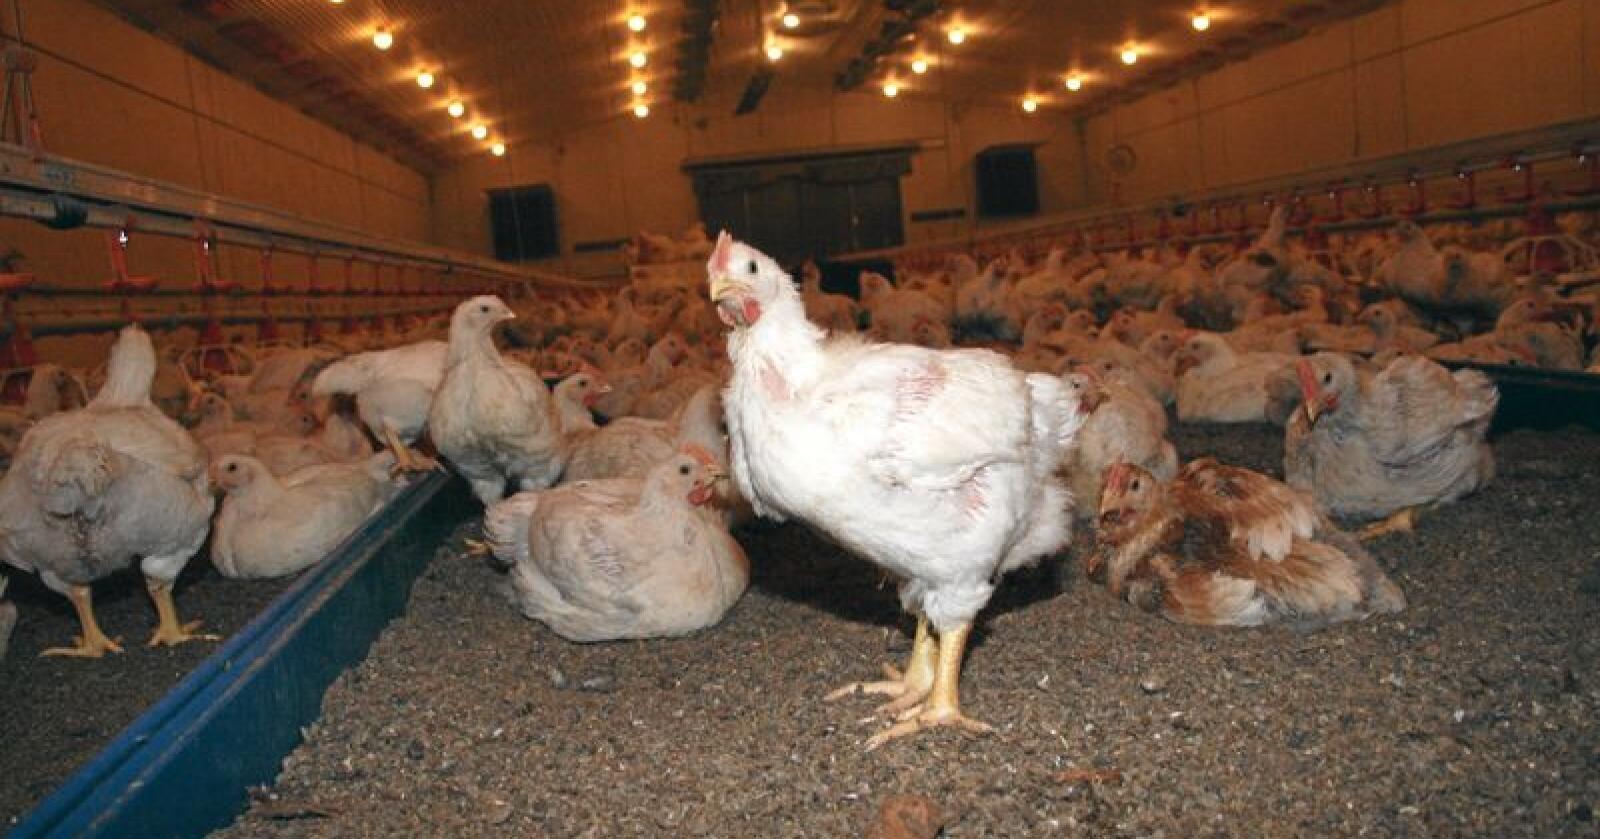 Forskjellar: Meir eksklusive, sakteveksande og utegåande kyllingvariantar har større risiko for å bli smitta av campylobacter-bakteriar enn konvensjonell kylling, ifølgje fagfolk, som nå testar ut kor store forskjellane er. Foto: Bjarne Bekkeheien Aase